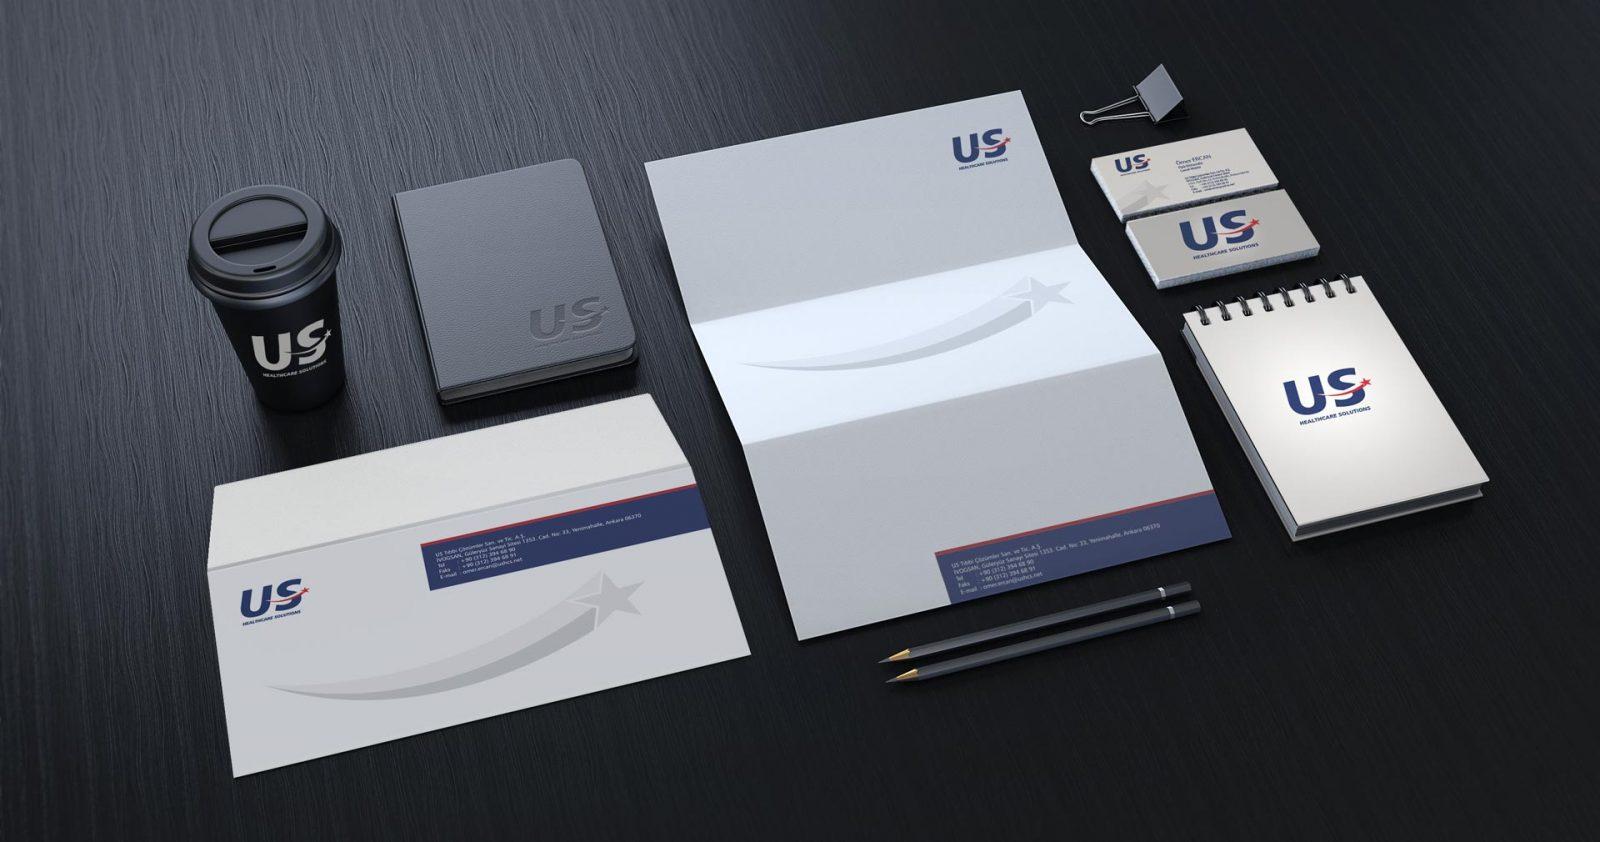 us logo kurumsal kimlik tasarimi 05